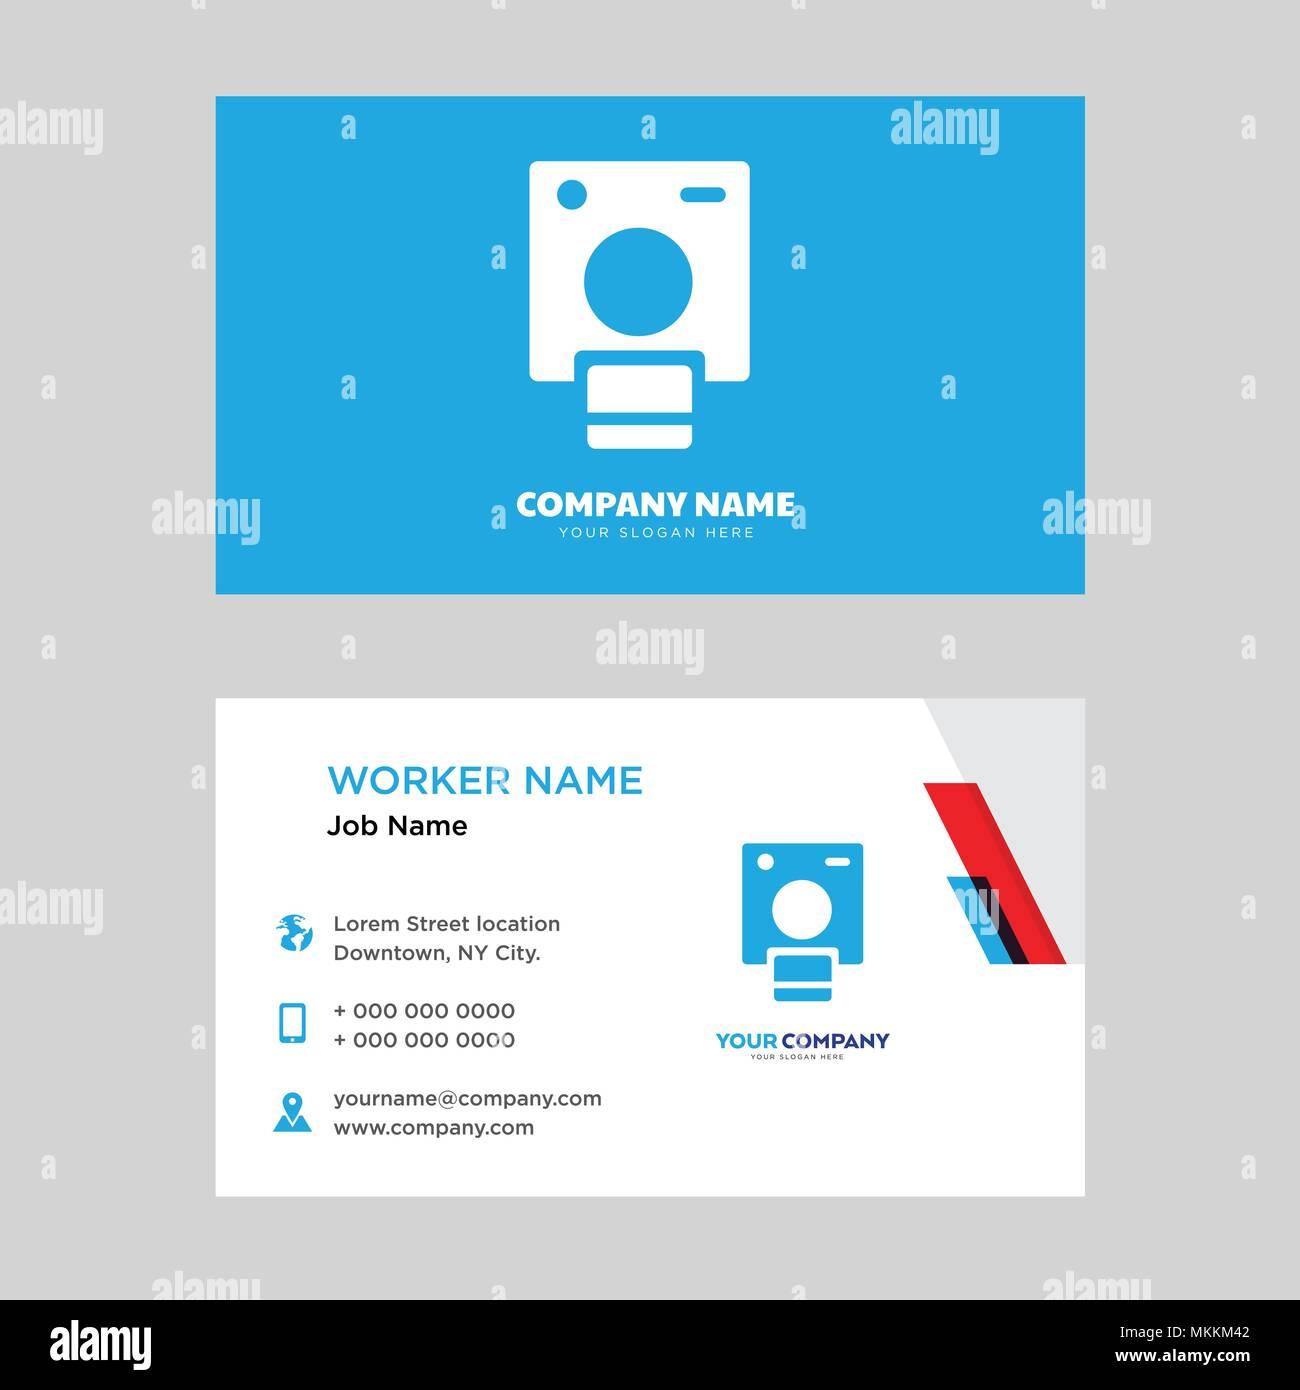 Modle De Conception Carte Polaroid La Visite Votre Entreprise Vecteur Didentit Horizontale Moderne